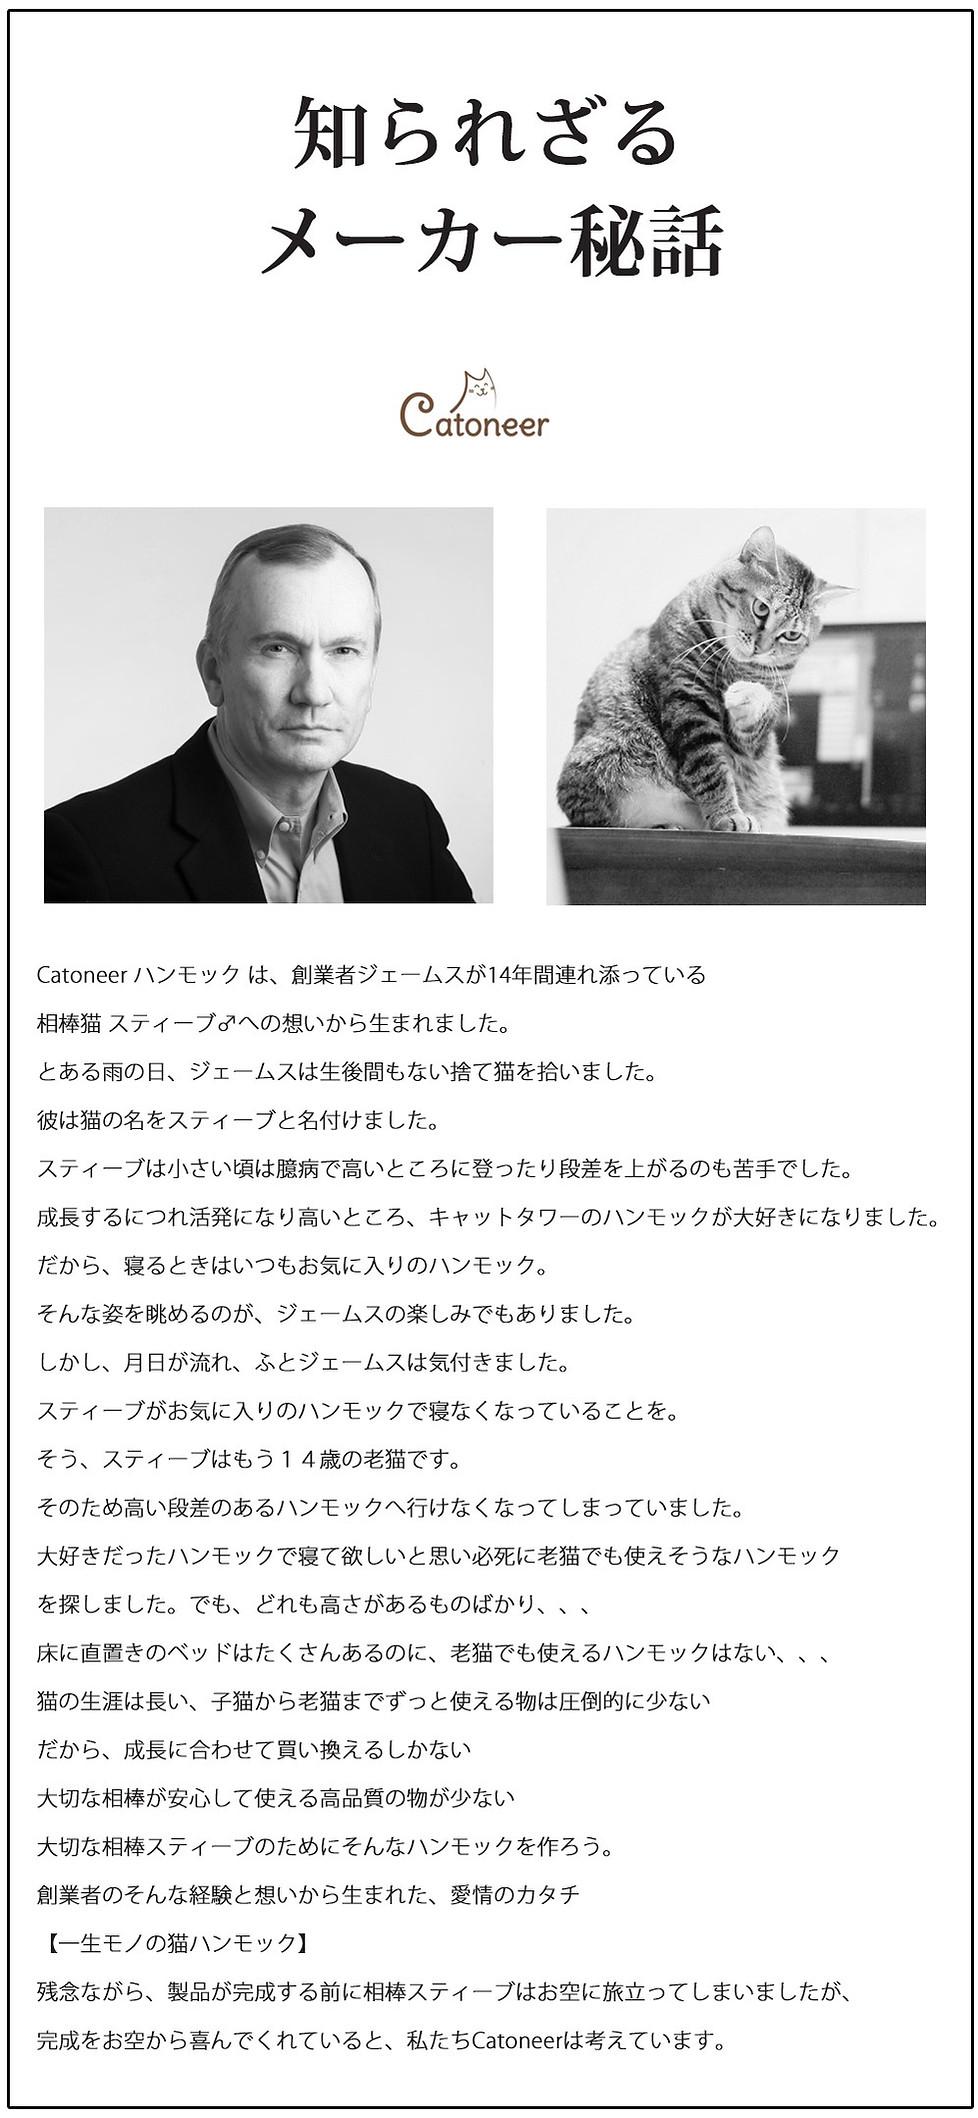 メーカー秘話.jpg